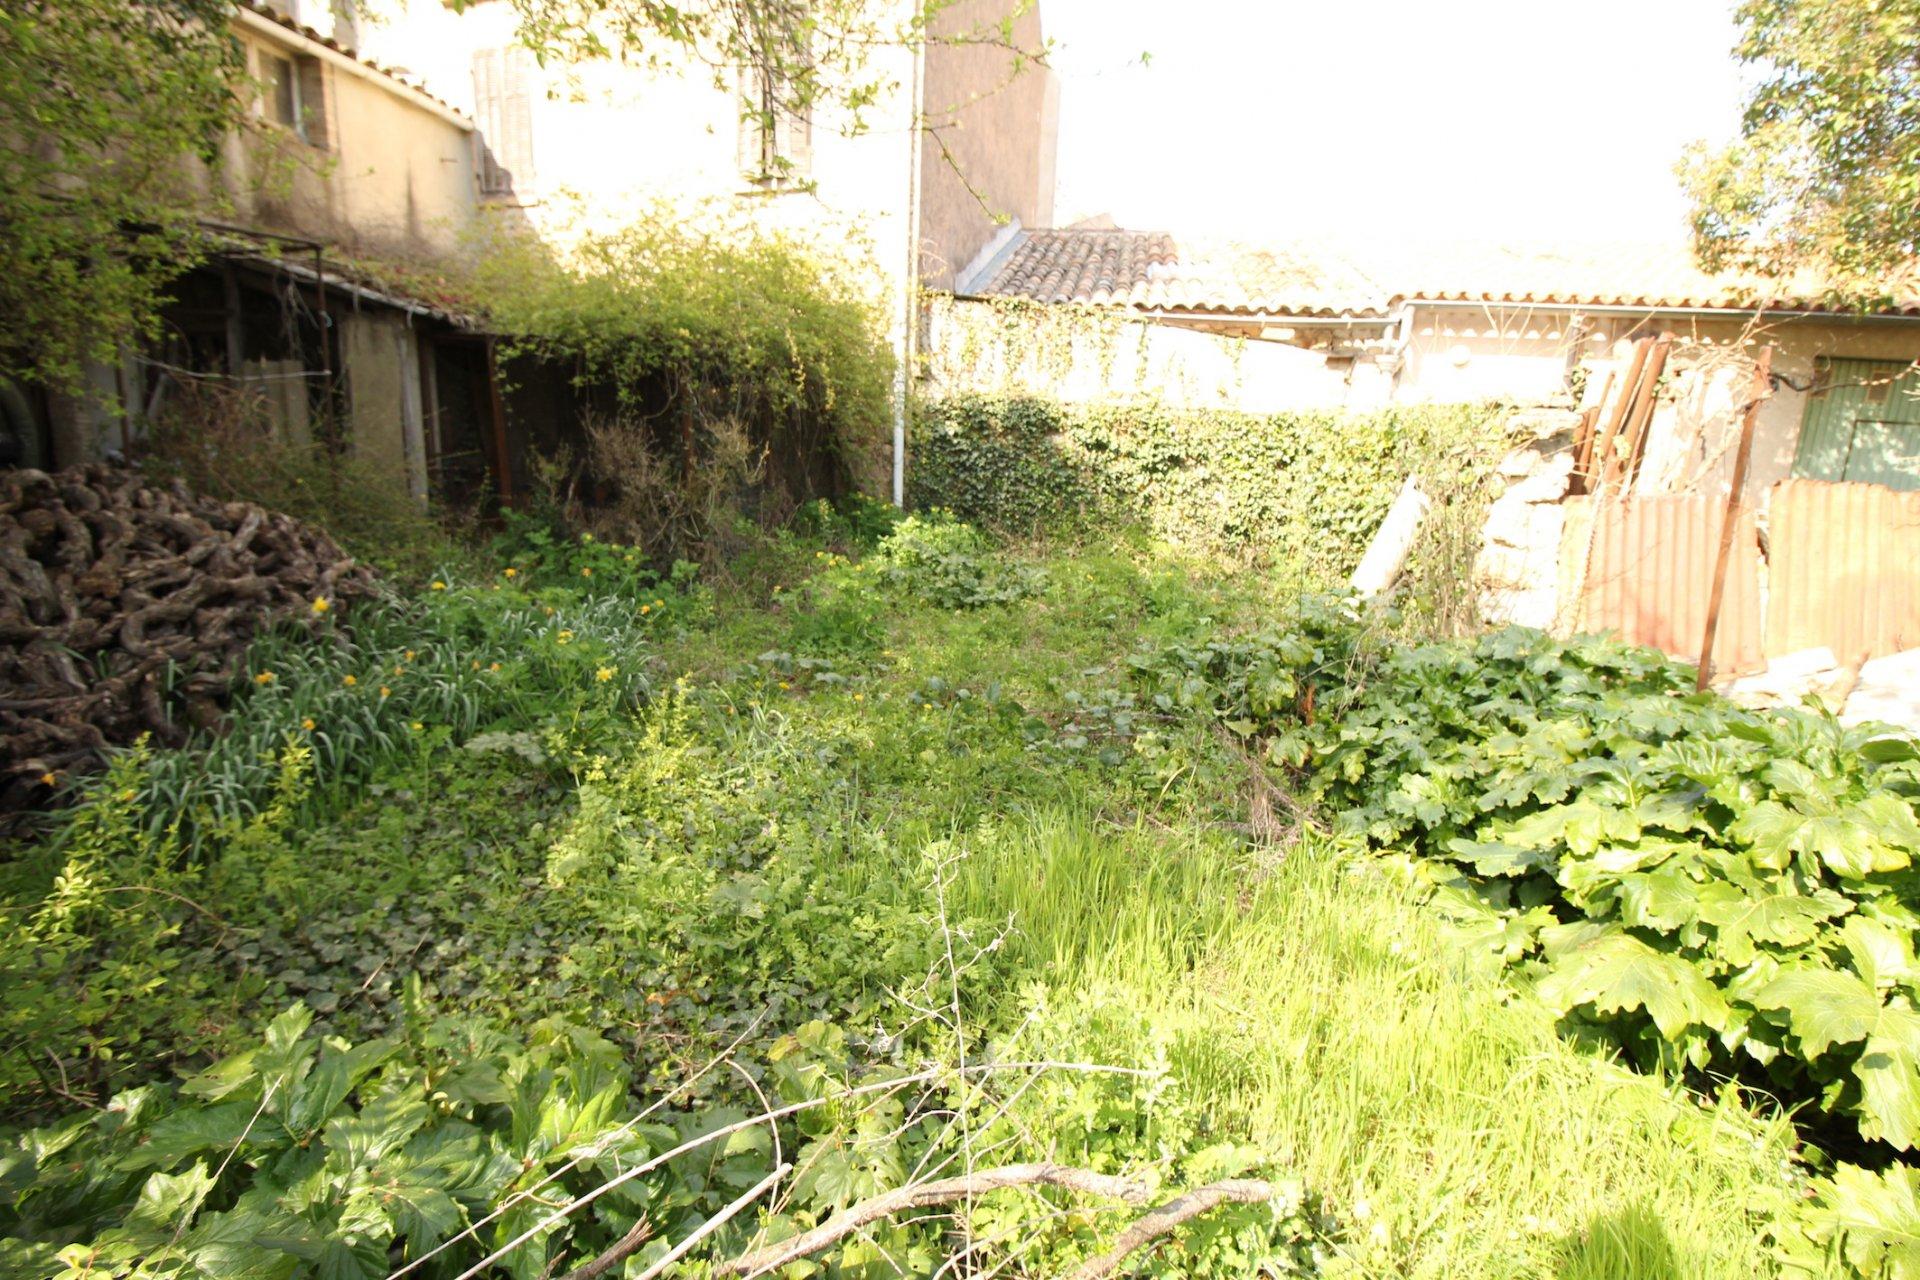 House of village - Besse sur Issole